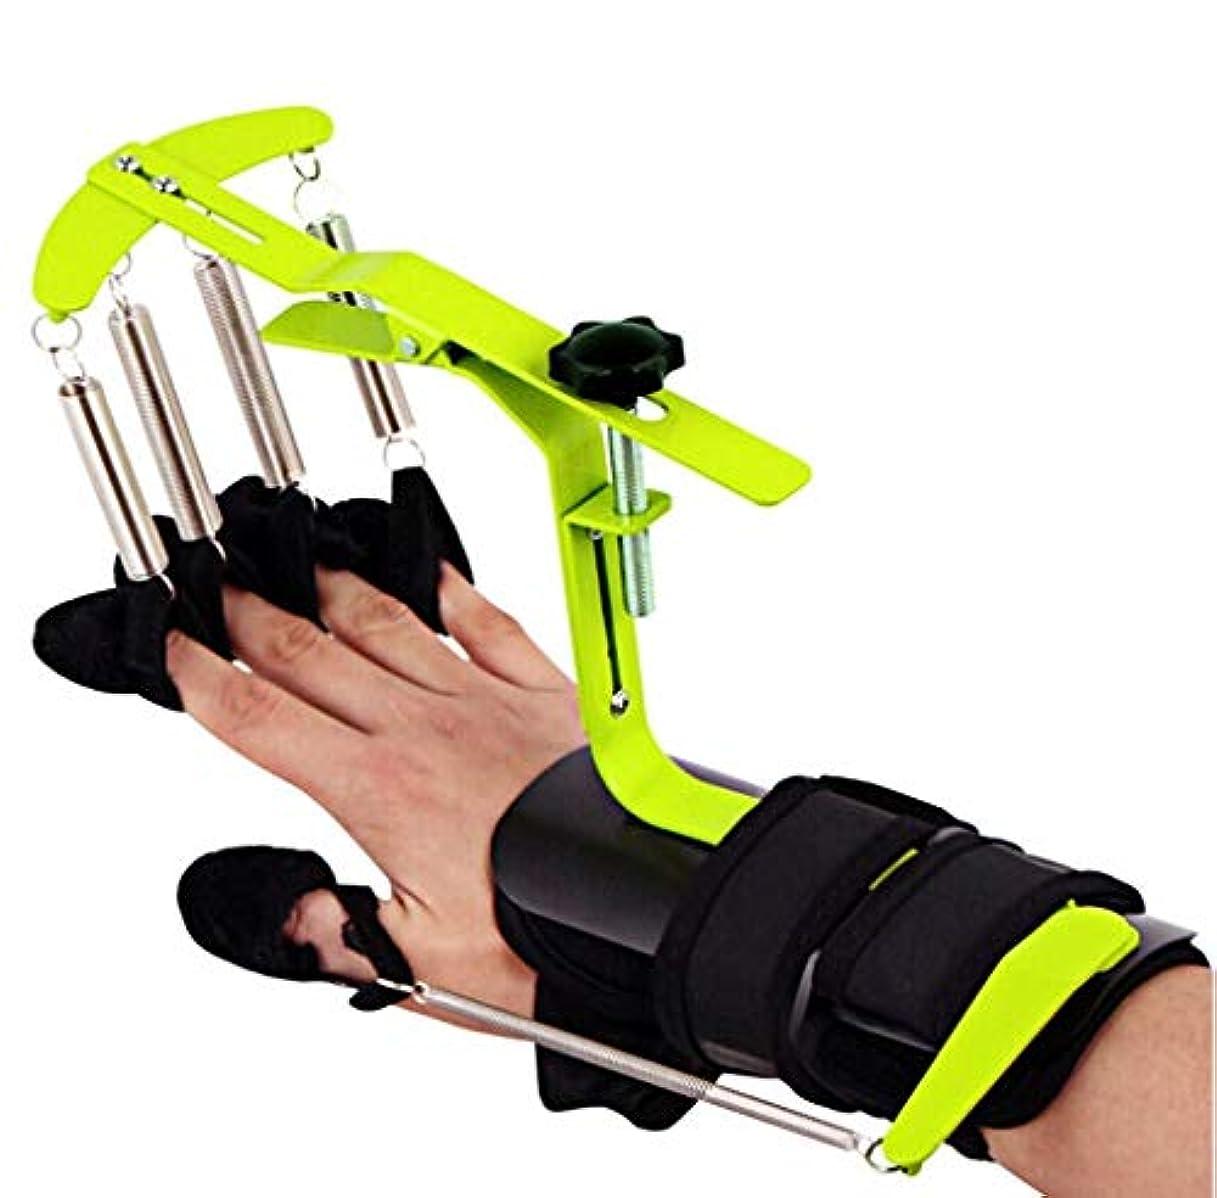 ギャラリーモニカリッチ指エクササイザー トレーニング機器ブレースボード 別々の親指 手首サポートハンド機能 片麻痺の脳性麻痺麻痺リハビリテーション